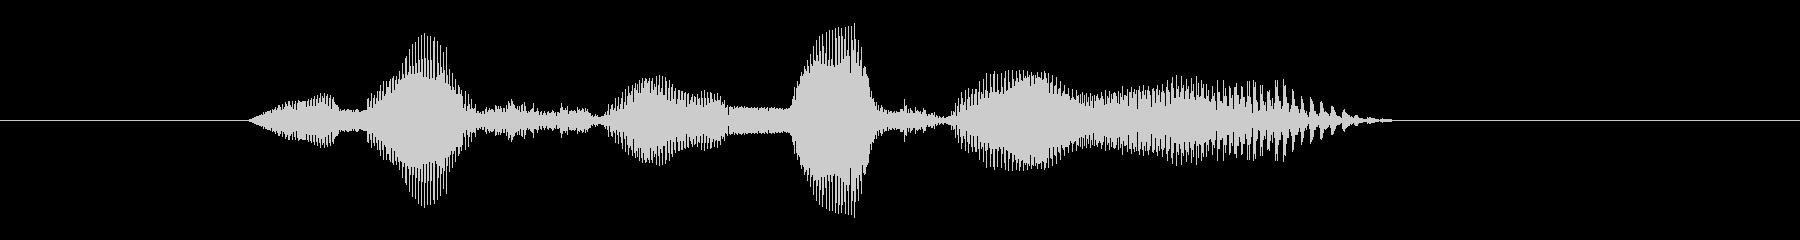 いらっしゃいませ(関西弁・少年)の未再生の波形